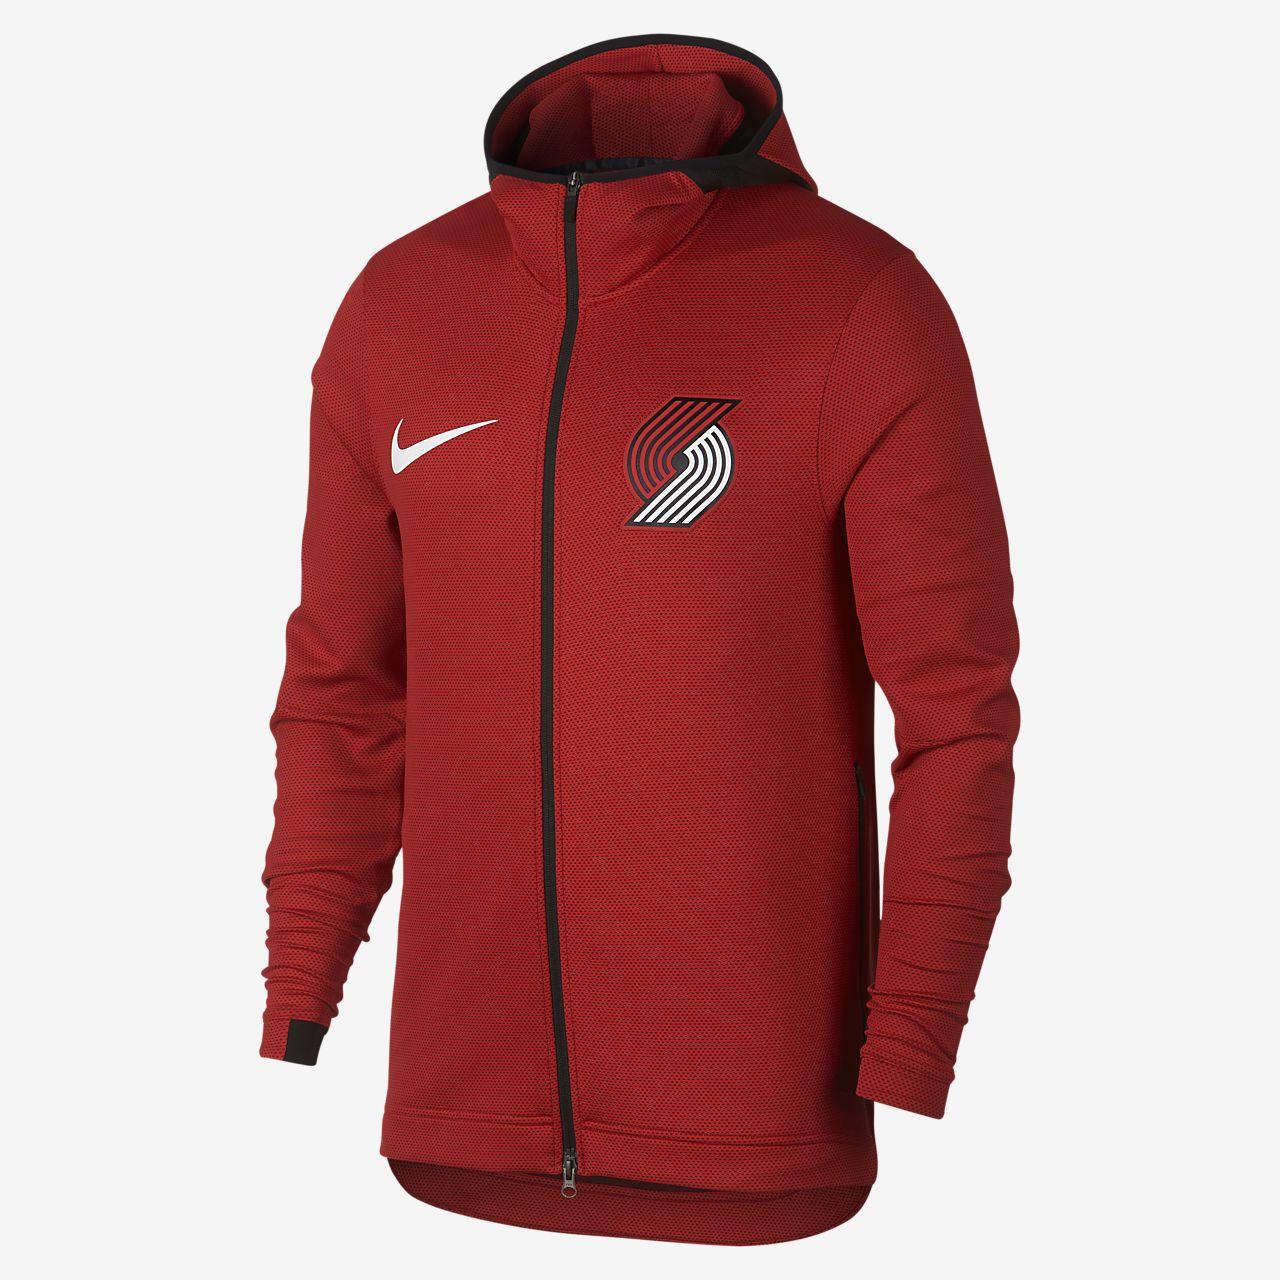 Nike Blazer Rouge Vestes Pour Hommes